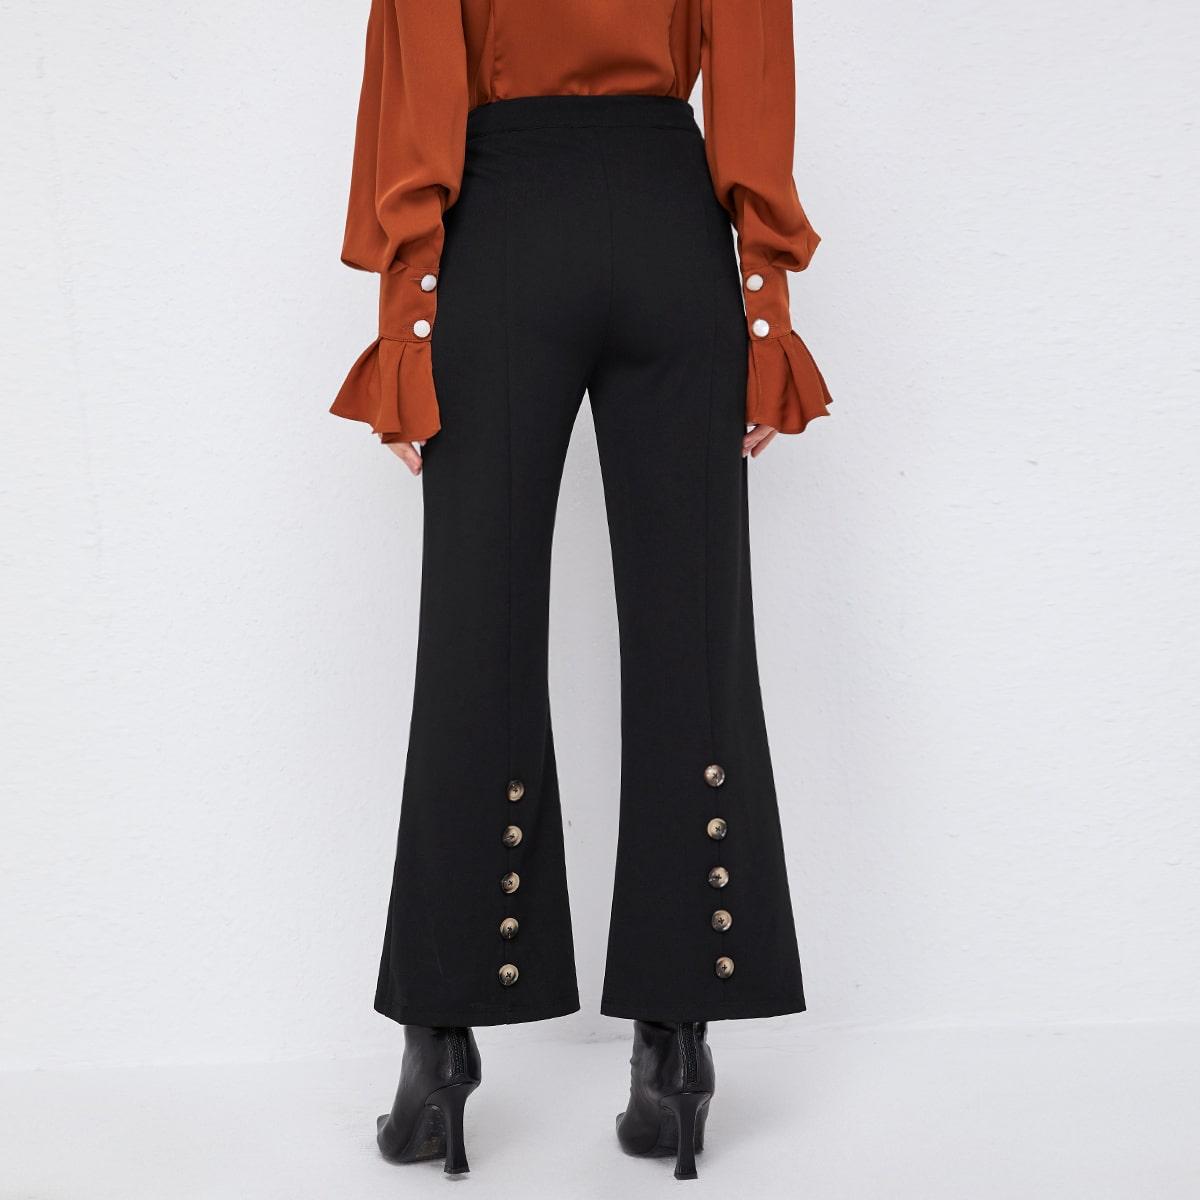 Pantalones de pierna amplia bajo con botón